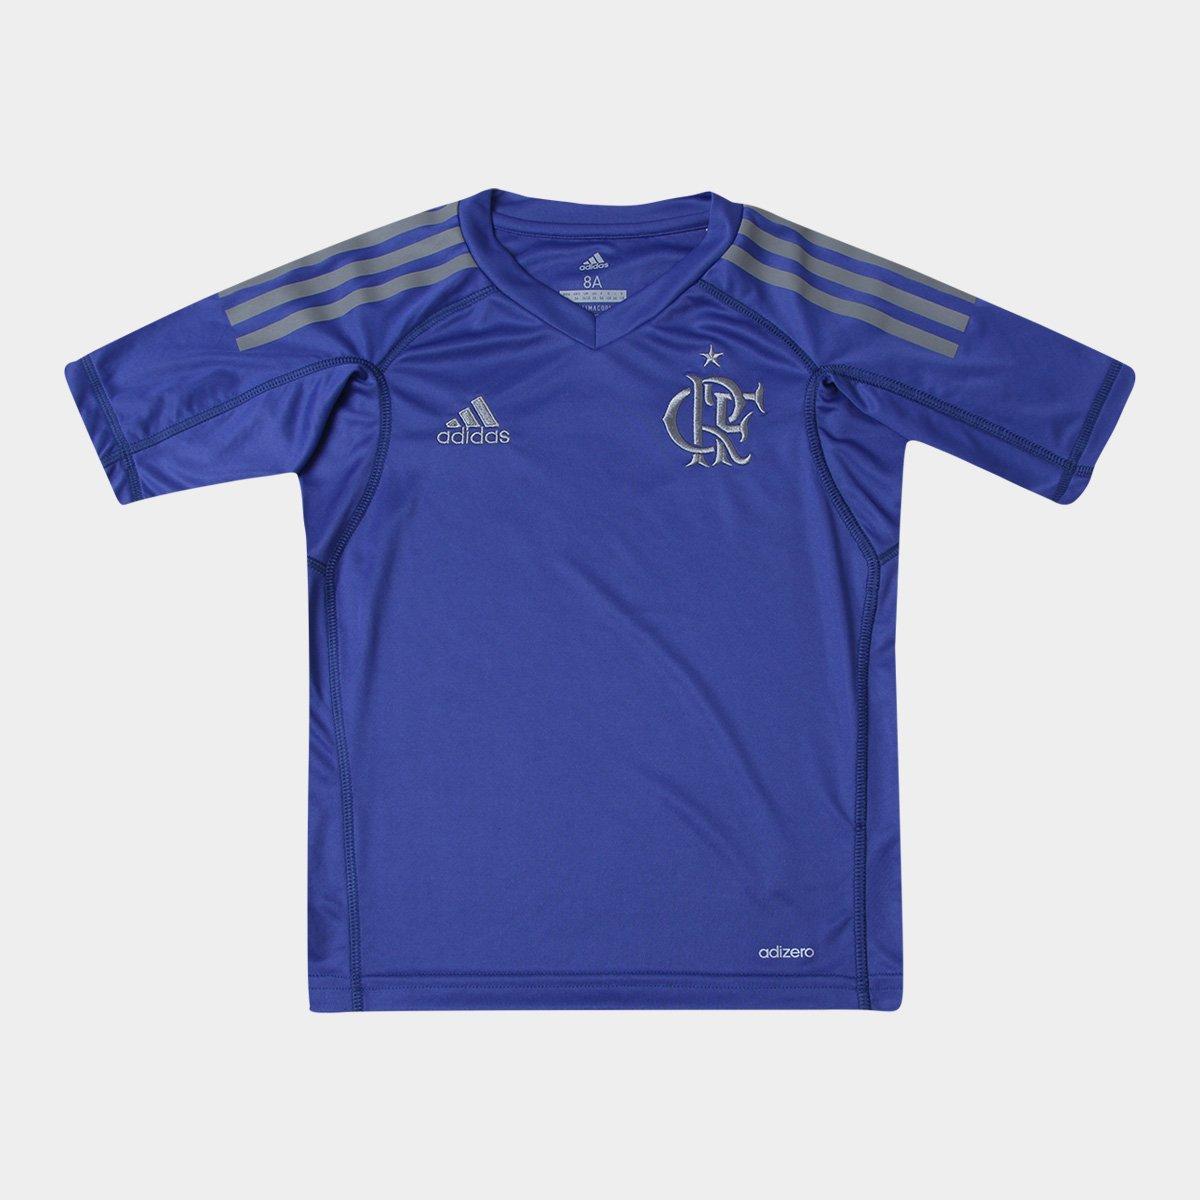 Camisa Flamengo Infantil Goleiro I 17 18 Torcedor Adidas Masculina - Compre  Agora  a5d6517469484